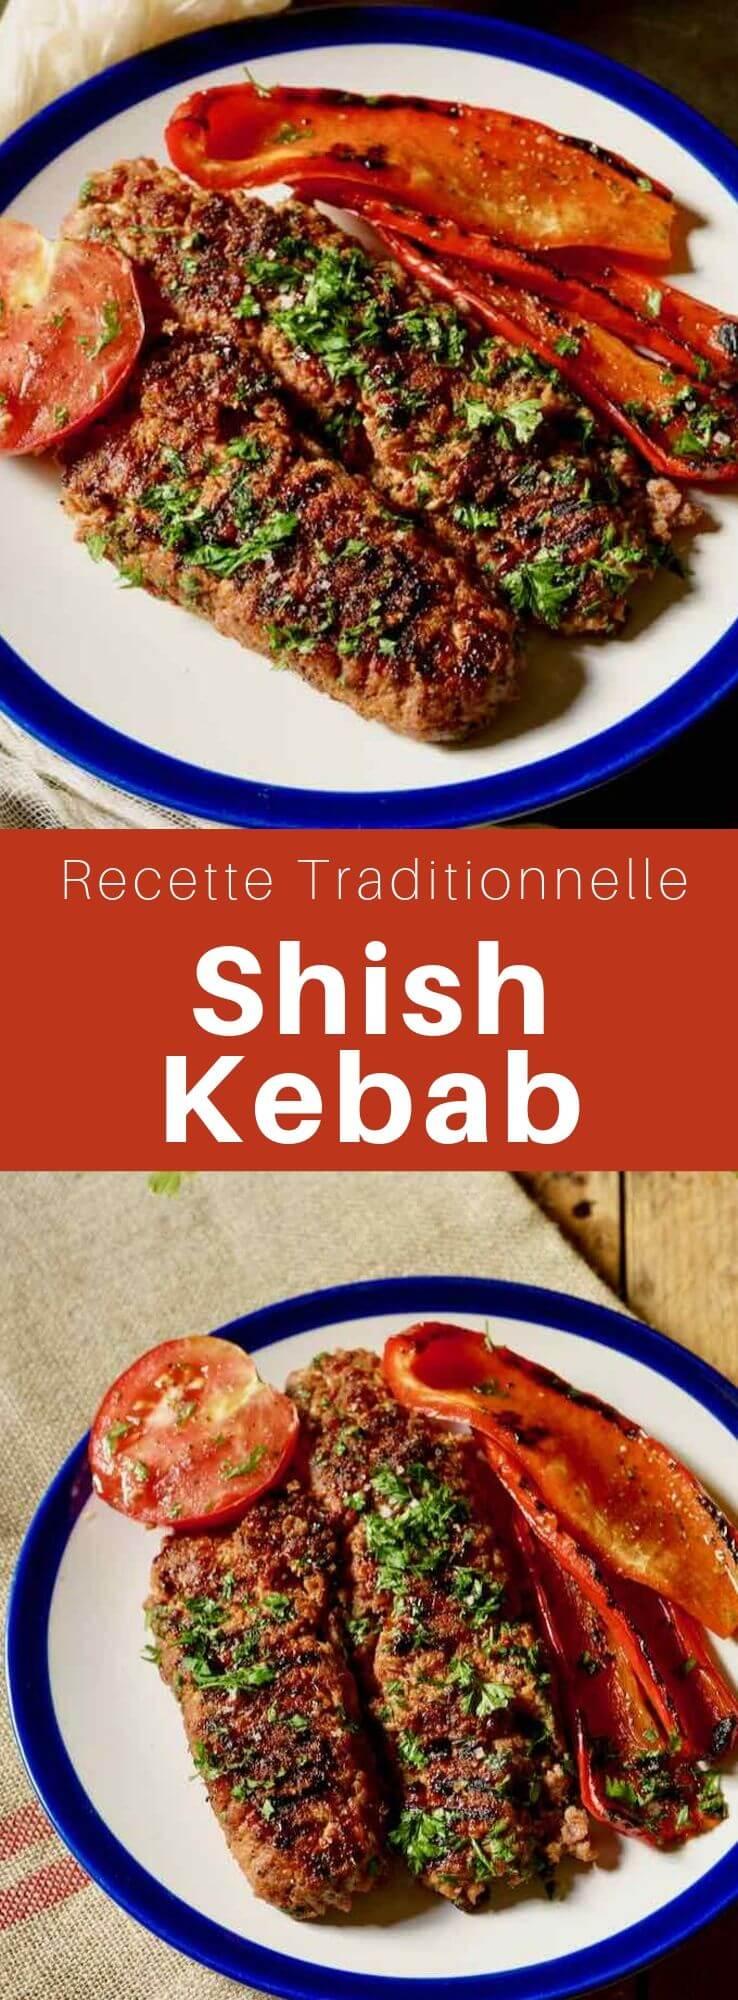 Le shish kebab est un plat populaire du Moyen-Orient composé de viande hachée d'agneau brochée et grillée. #MoyenOrient #RecetteMoyenOrientale #CuisineMoyenOrientale #CuisineDuMonde #196flavors